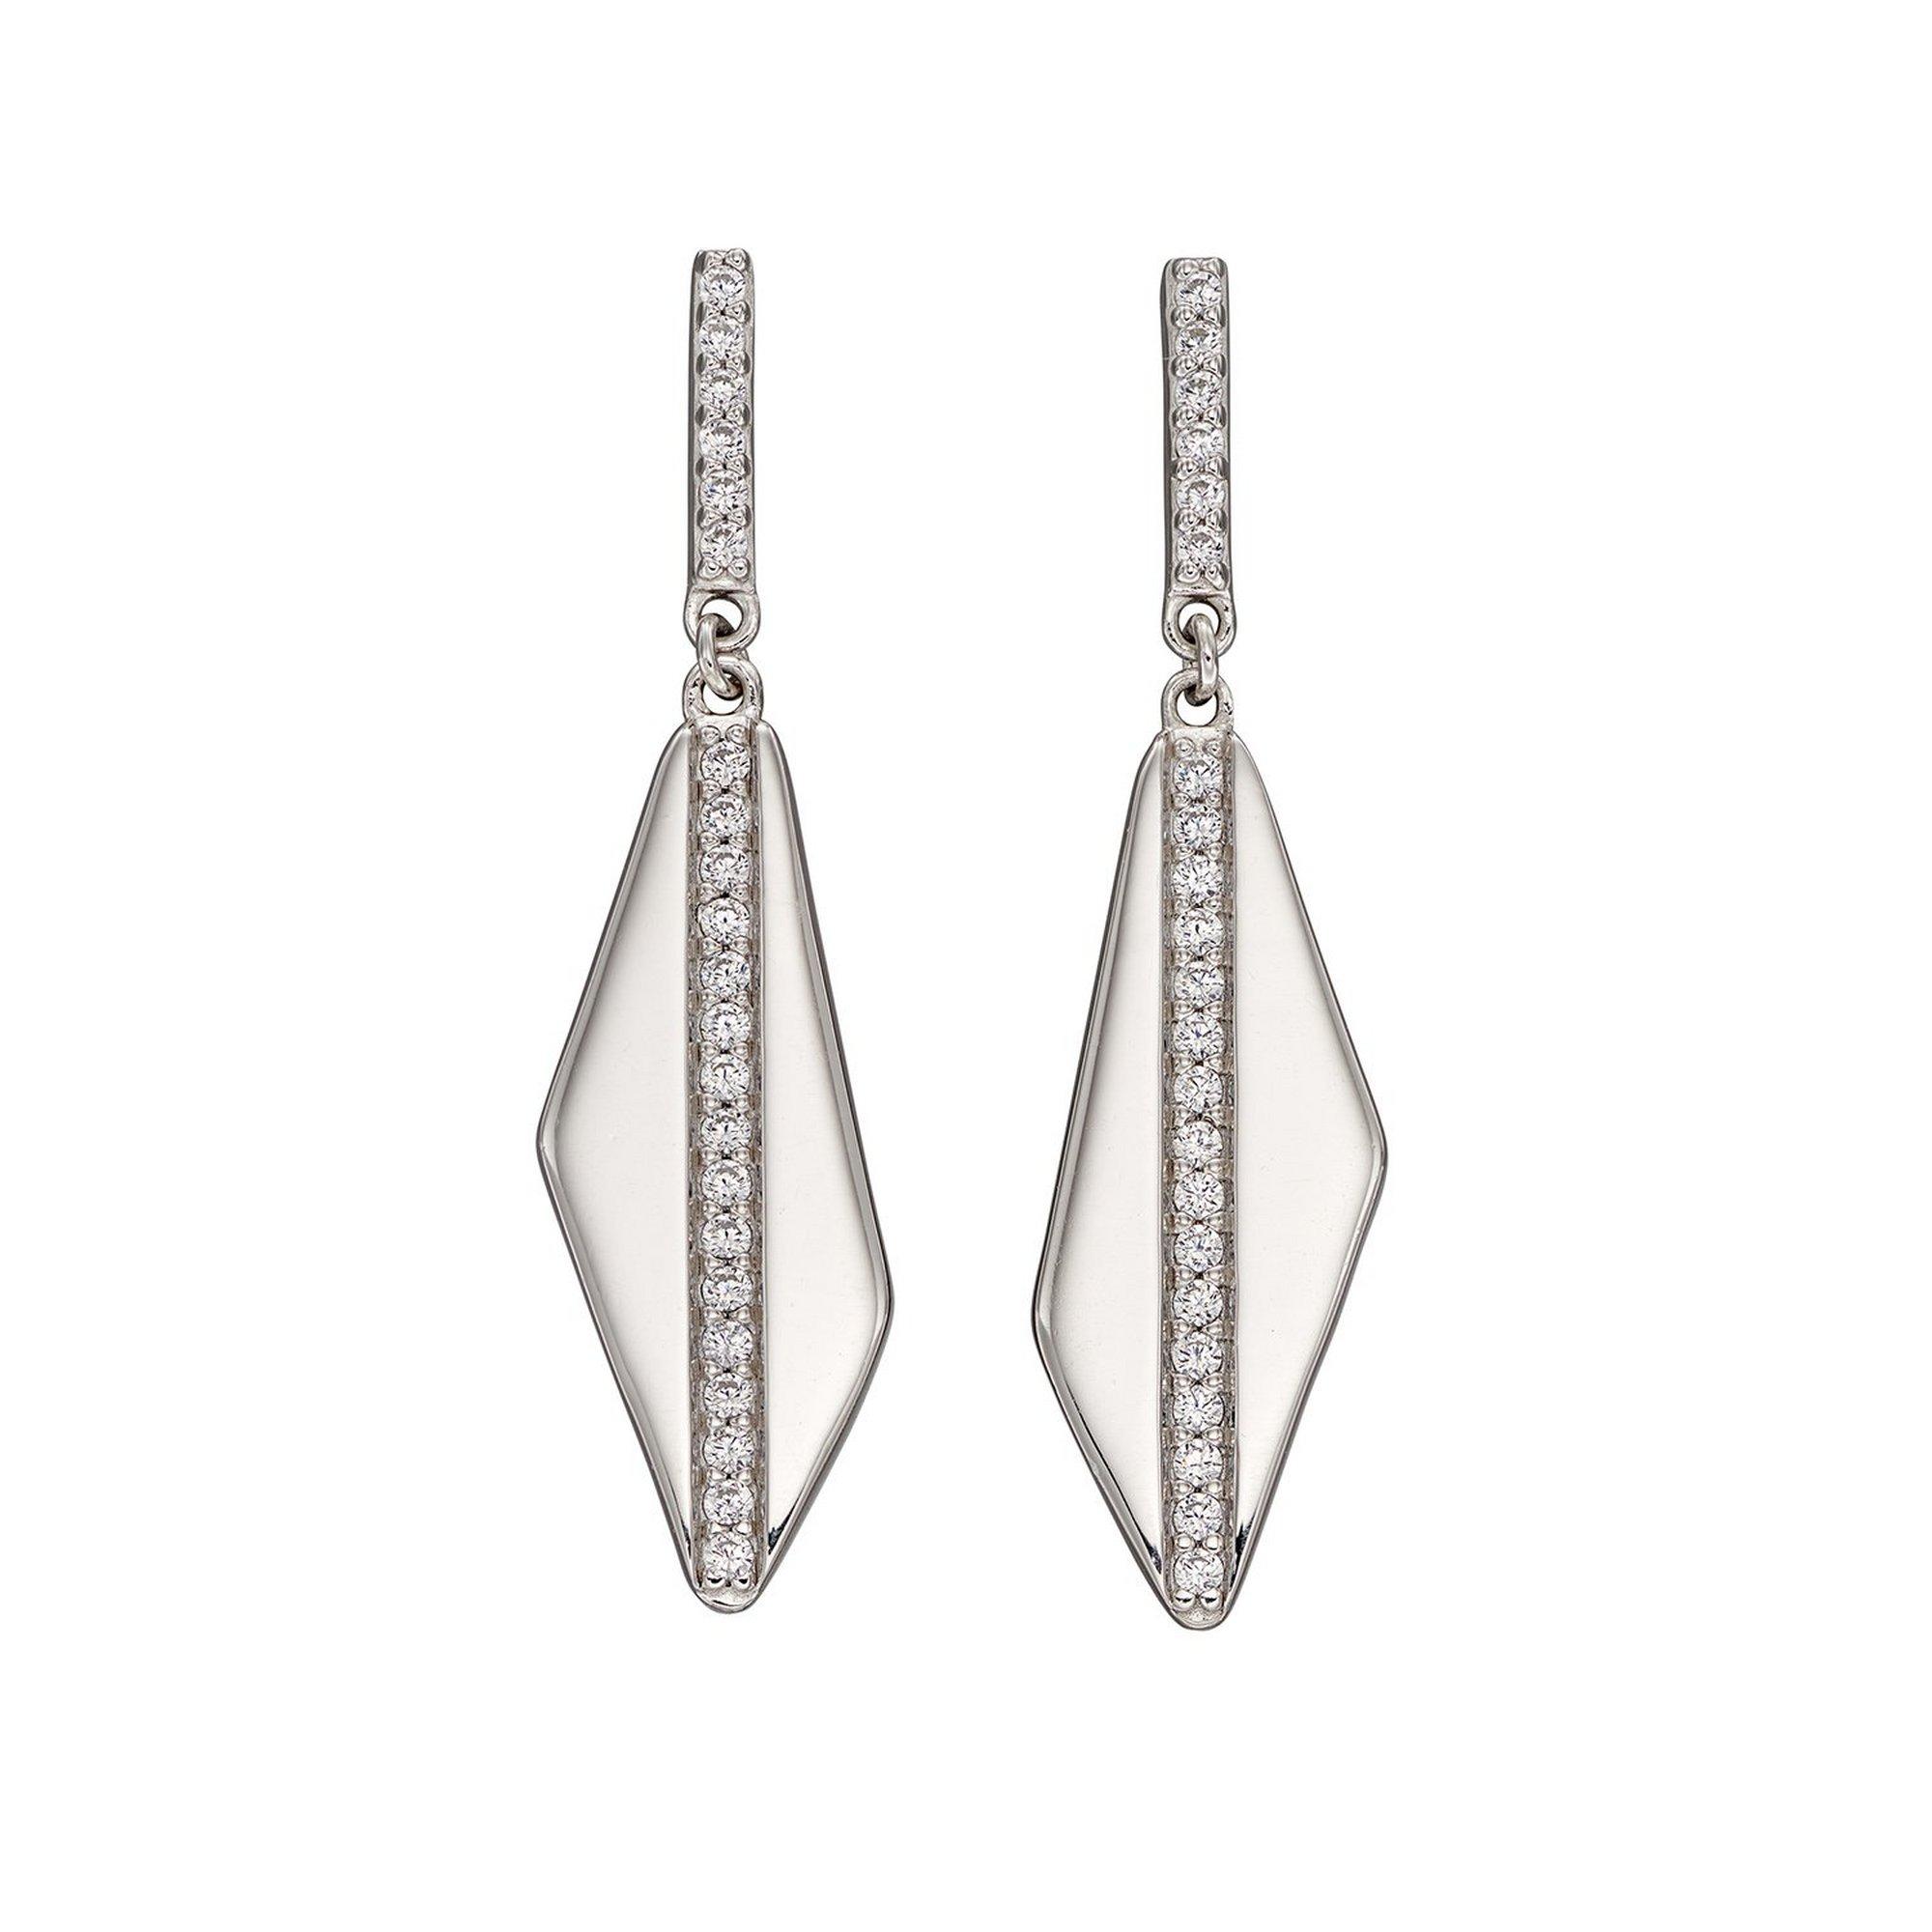 Image of Fiorelli Asymmetric Channel Set CZ Earrings